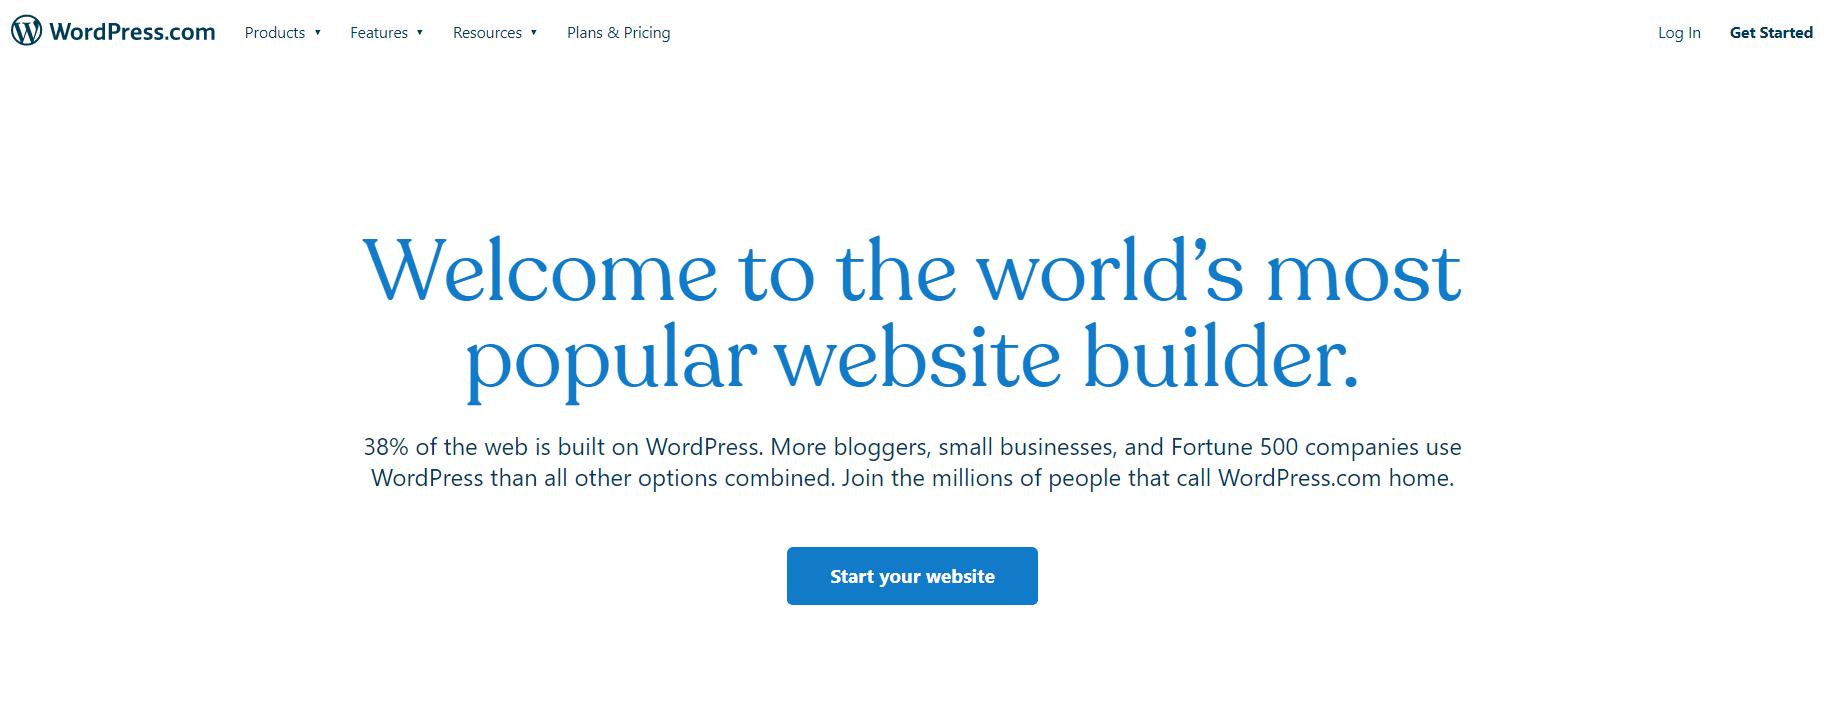 Construtor de sites WordPress.com.